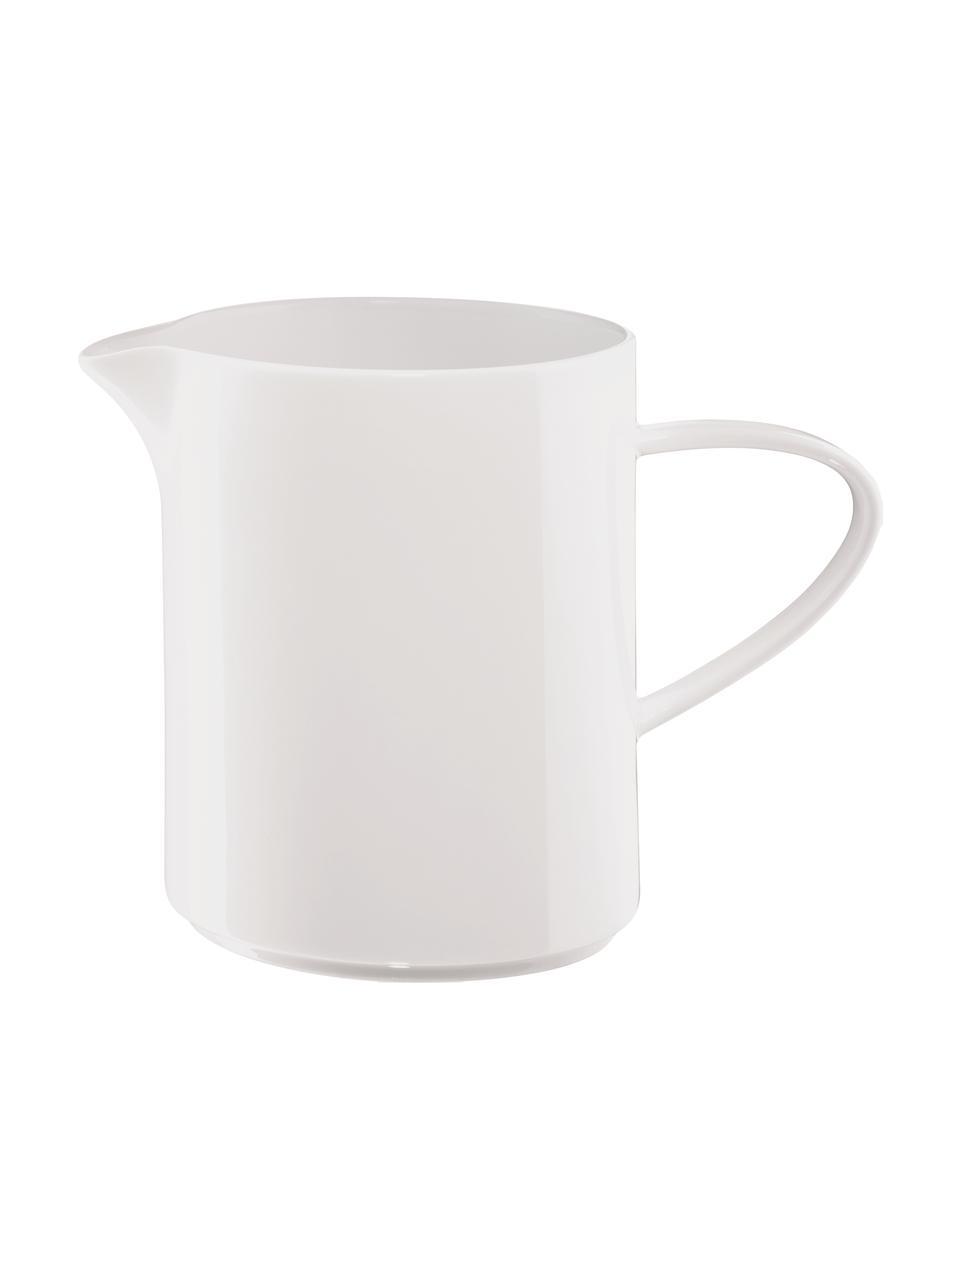 Pot à lait porcelaine à table, 400 ml, Blanc